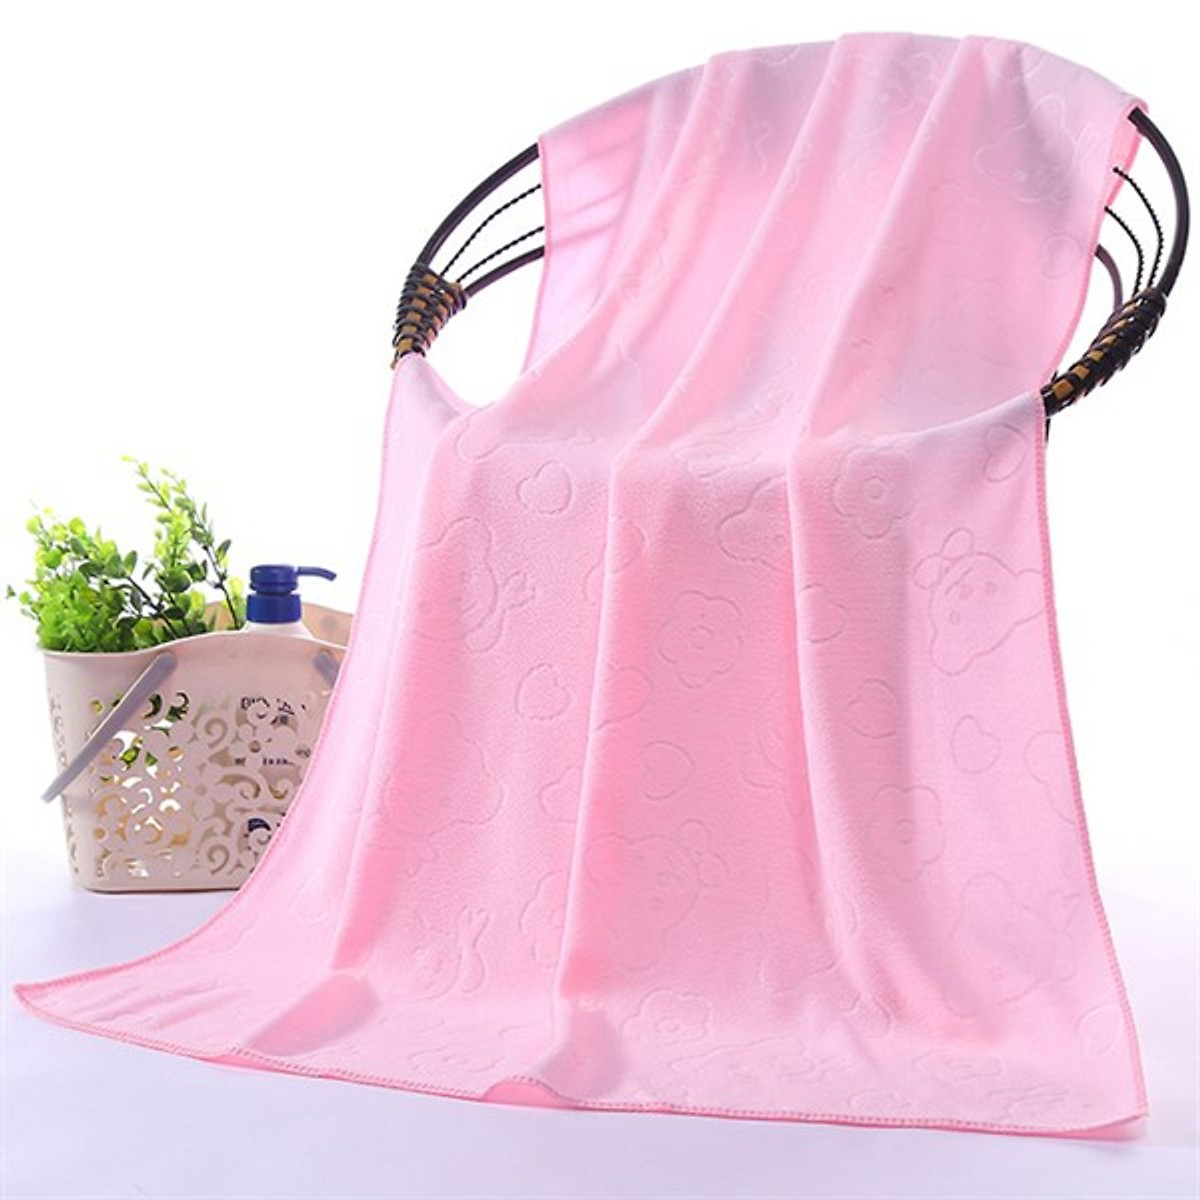 Khăn tắm nhật siêu mềm siêu thấm - khăn tắm khổ rộng 70x140